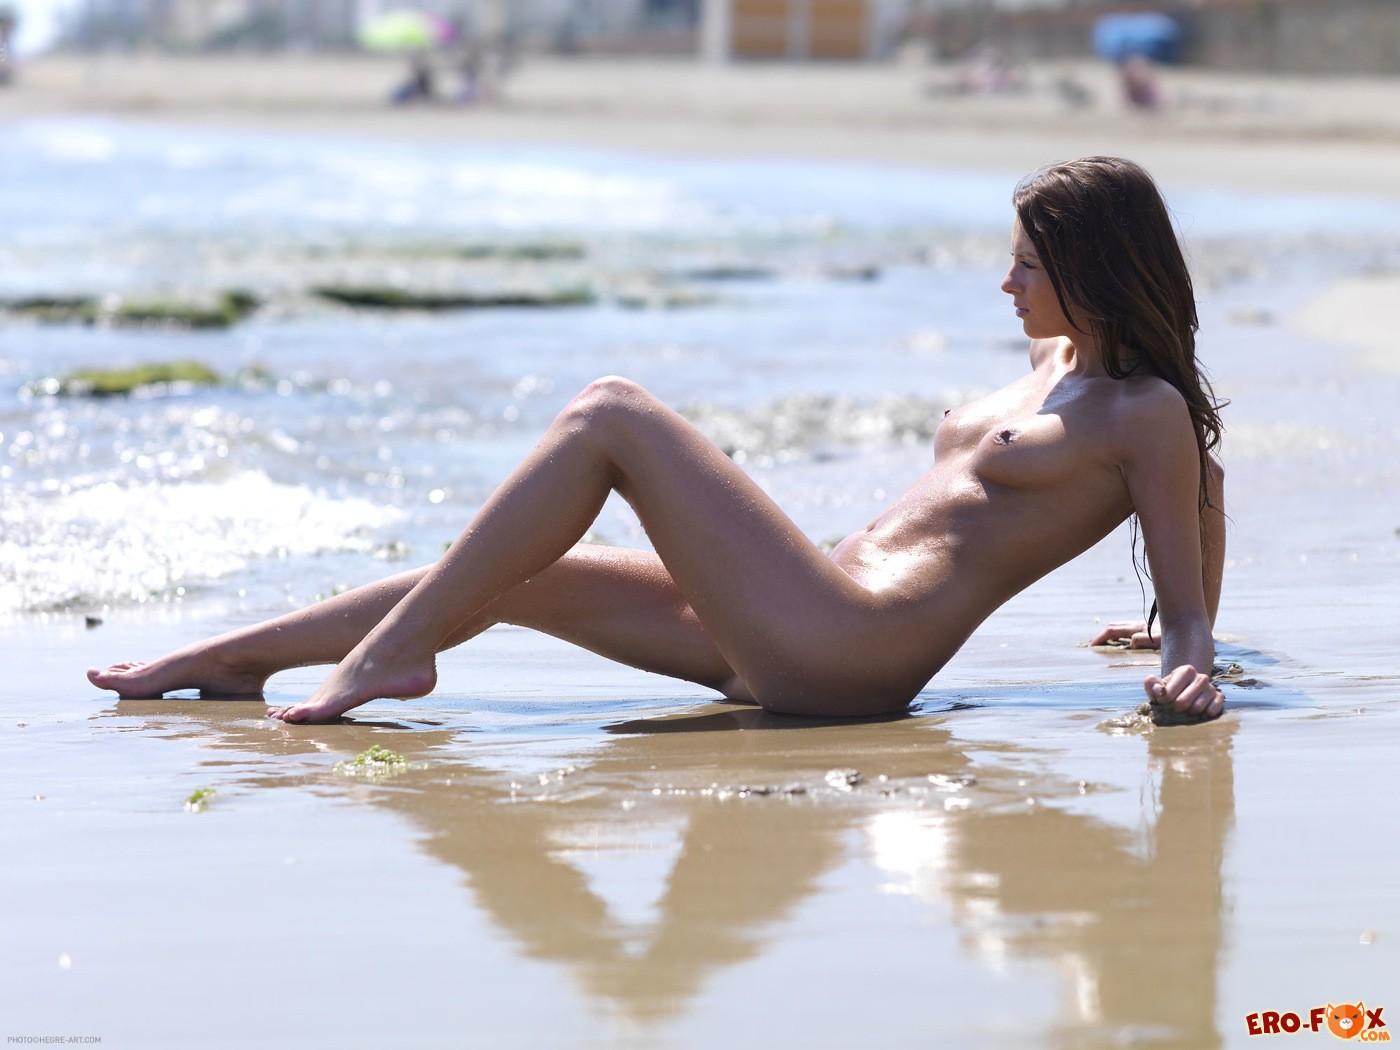 Голенькая нудистка купается на пляже - фото